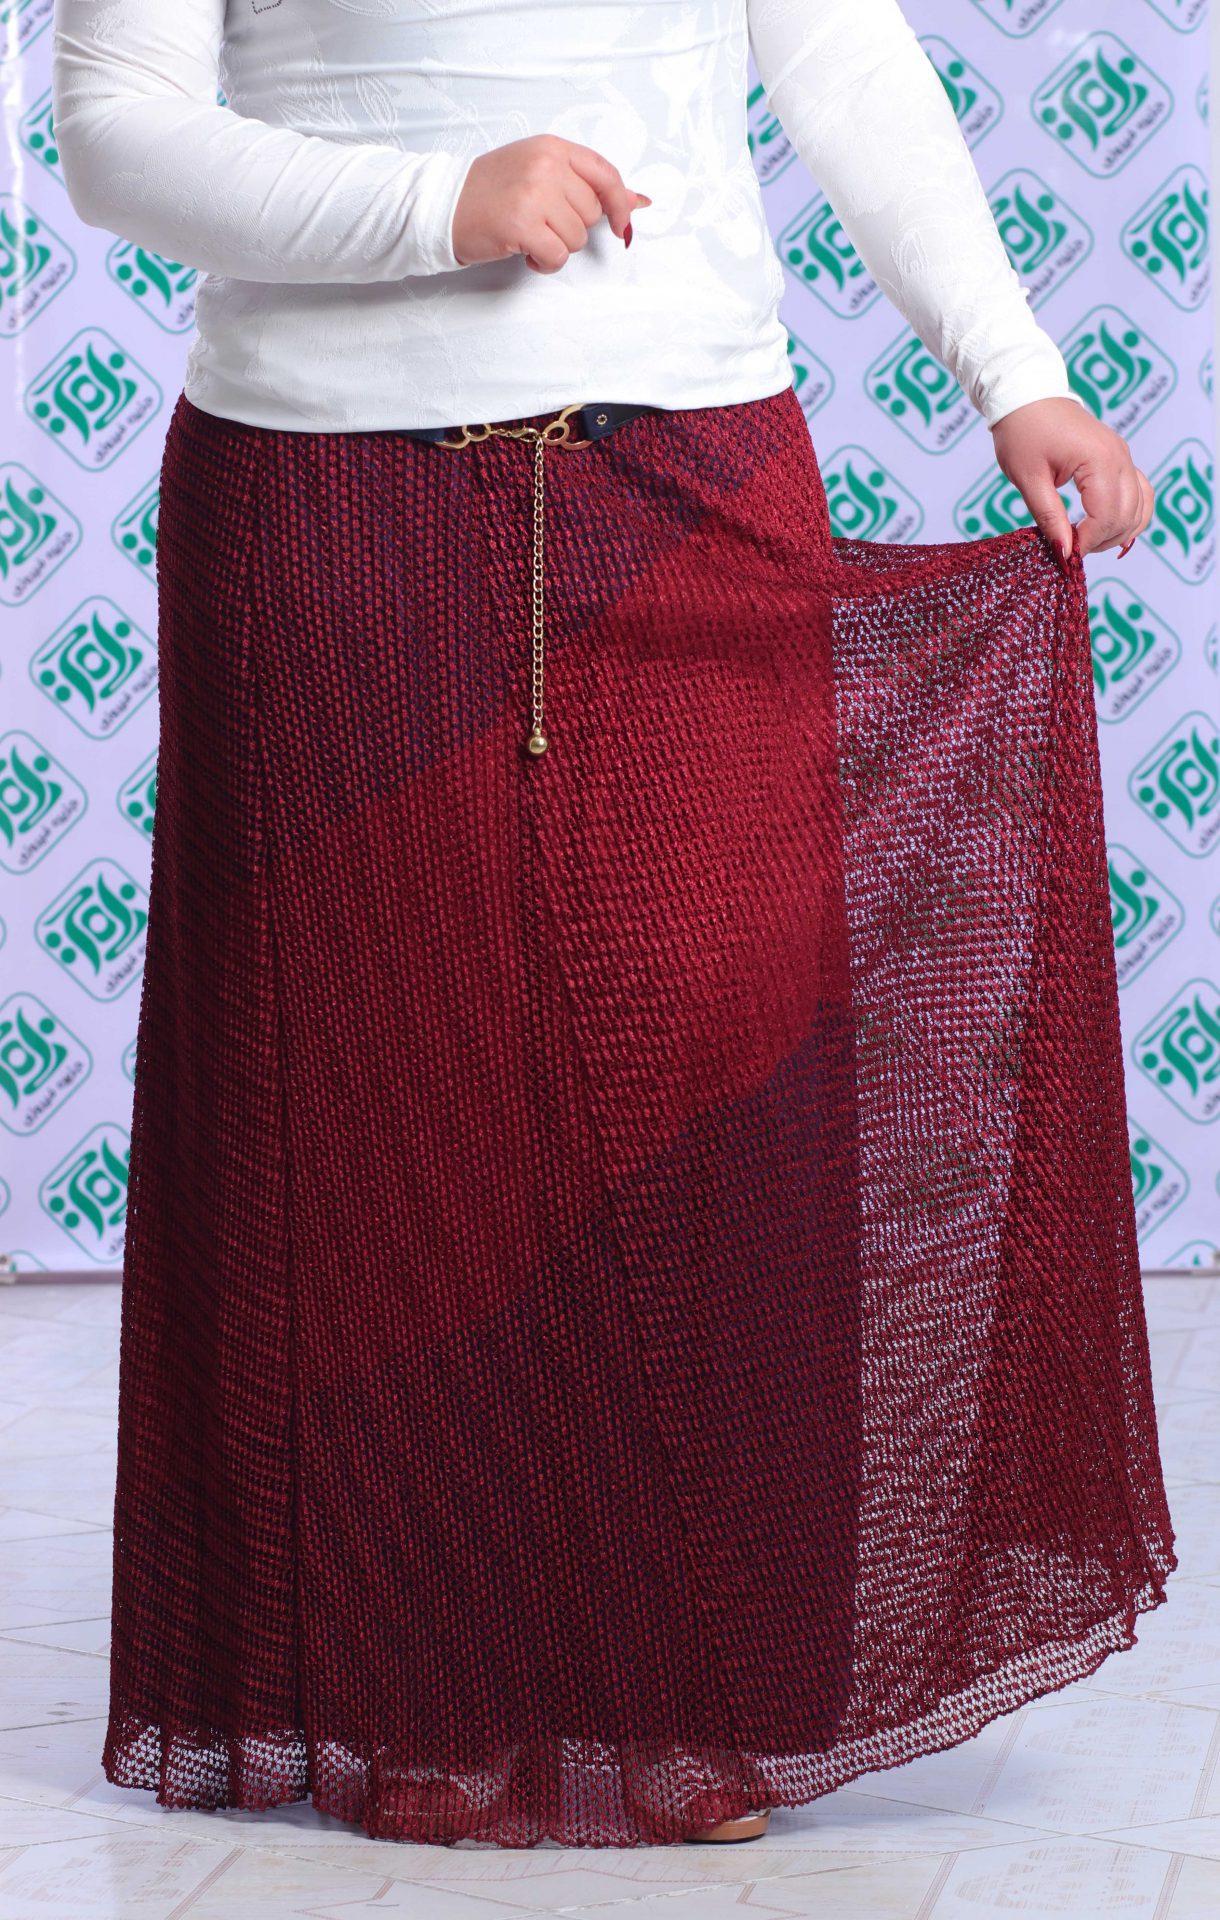 دامن مجلسی زنانه شییک دانتل